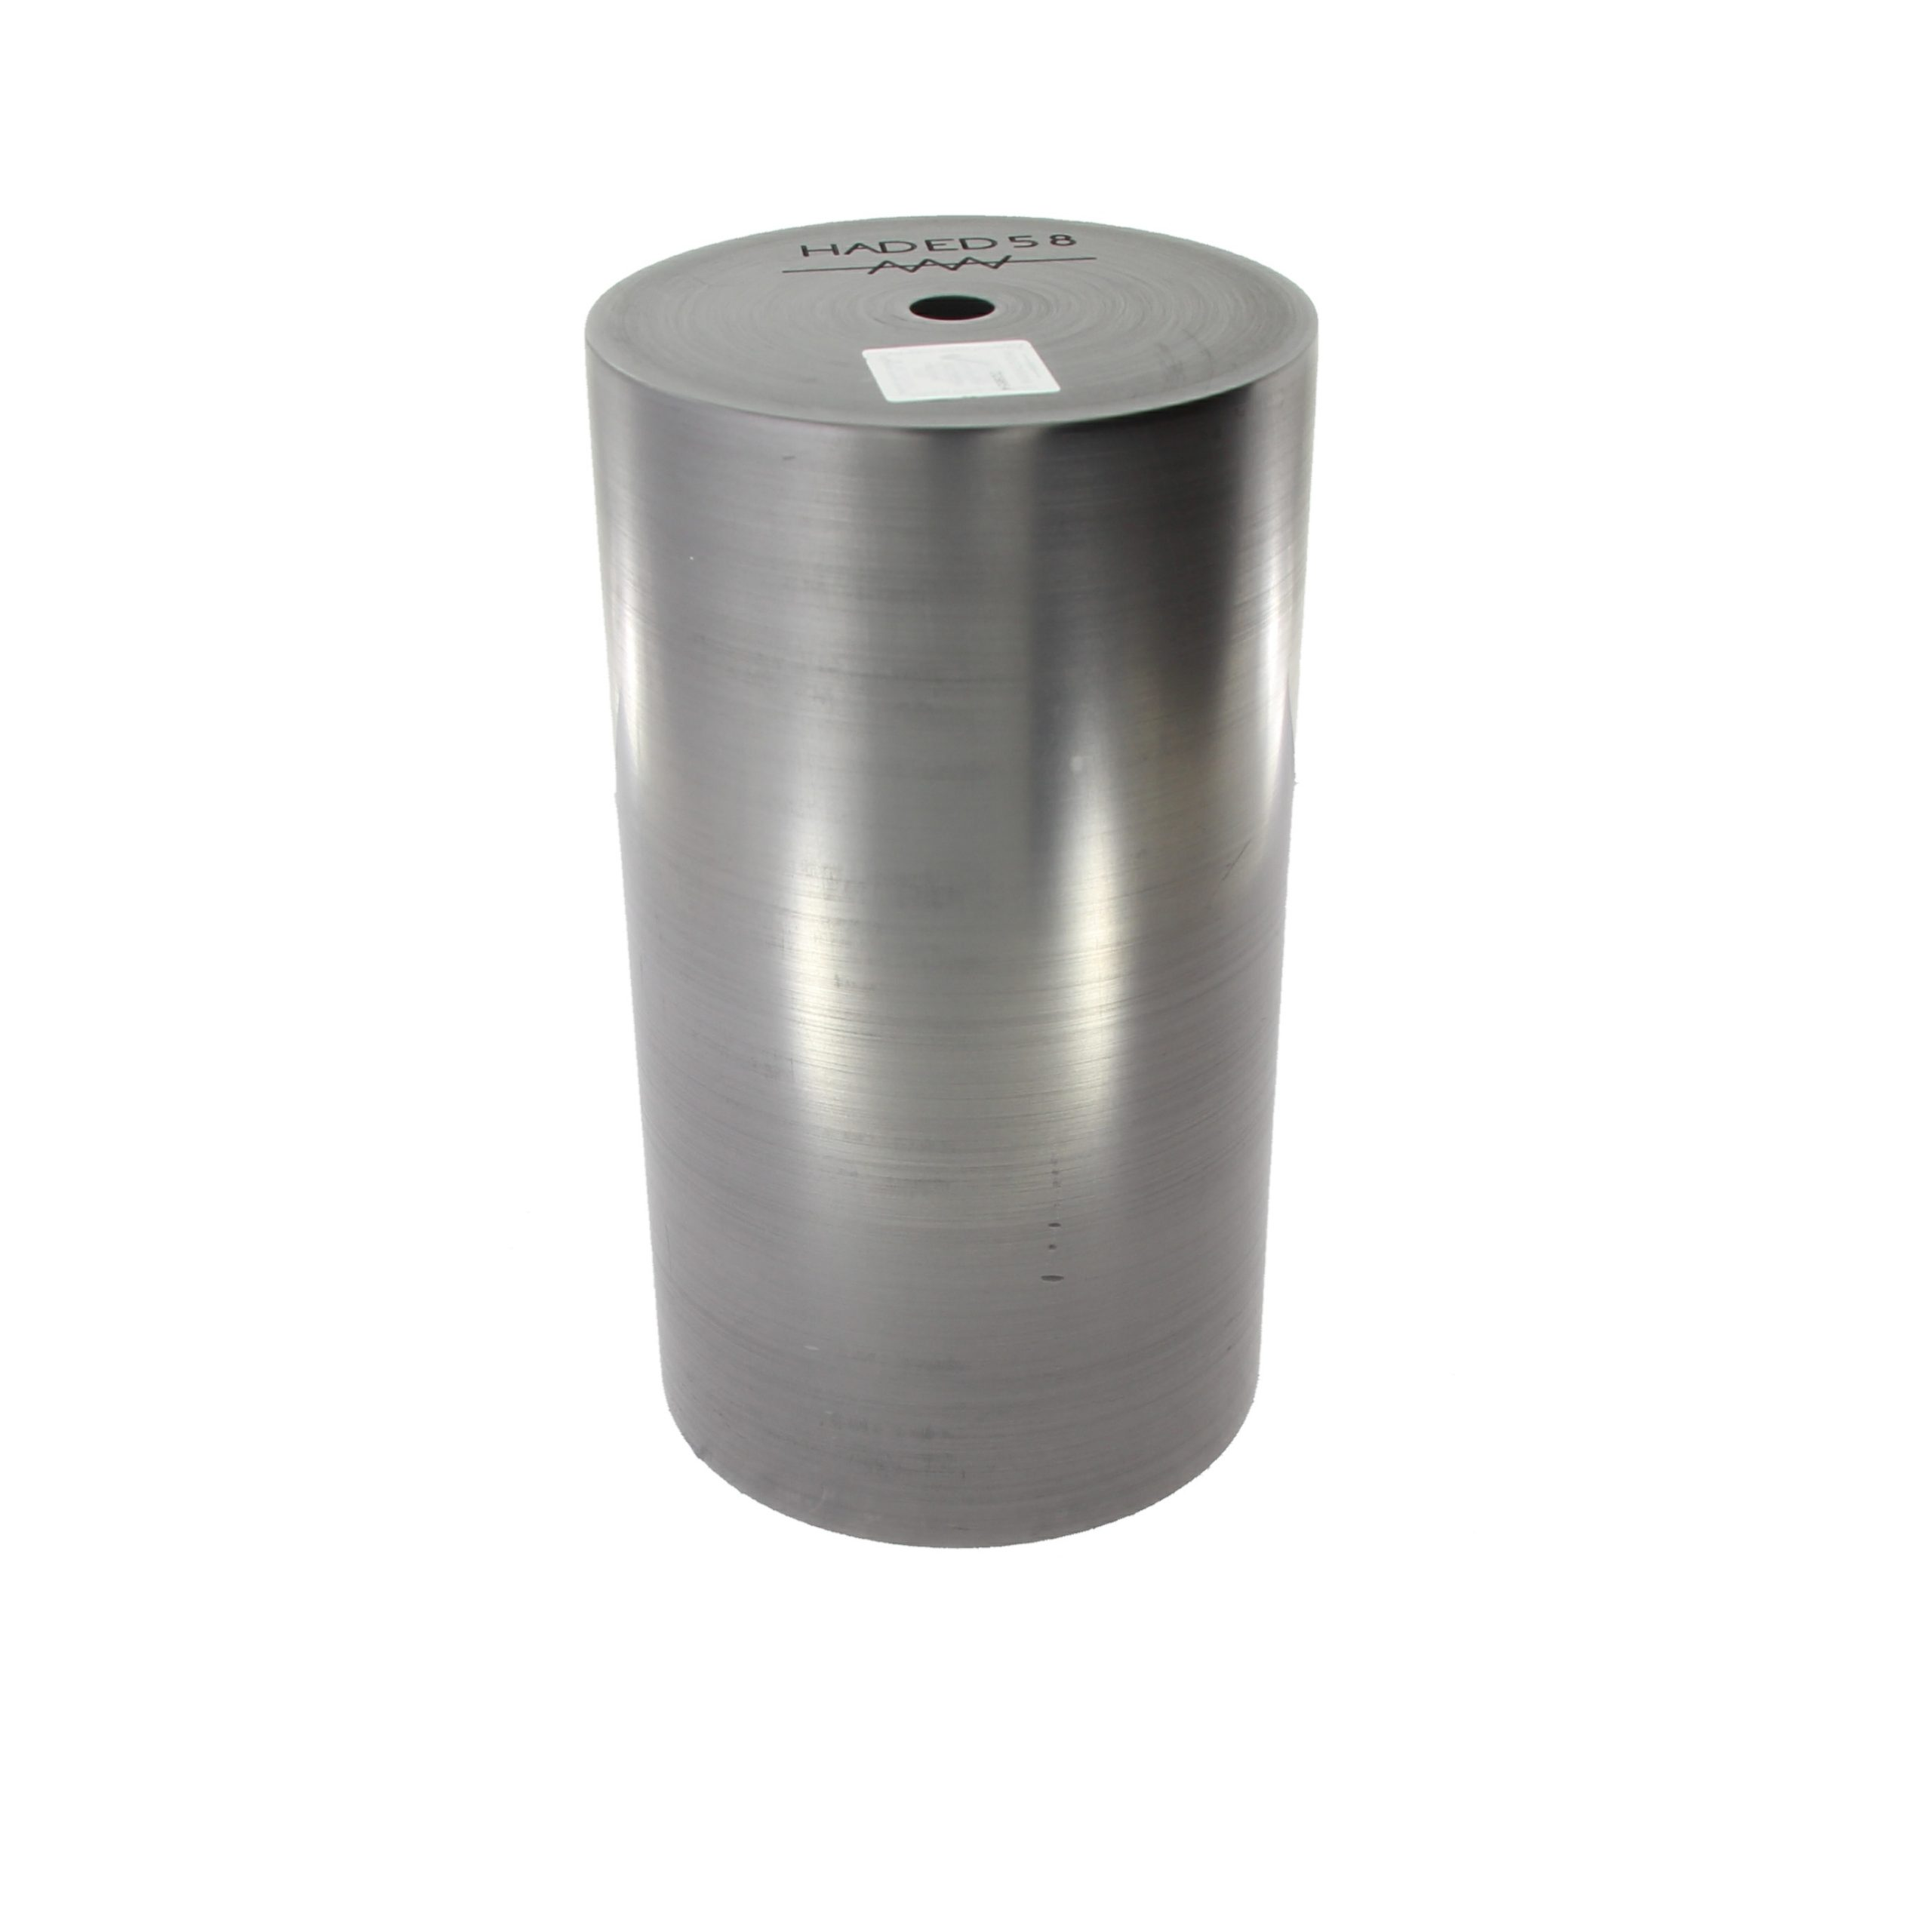 Тигель графитовый  VC400 для литья INDUTHERM D=68 H=120 d=8 10014010